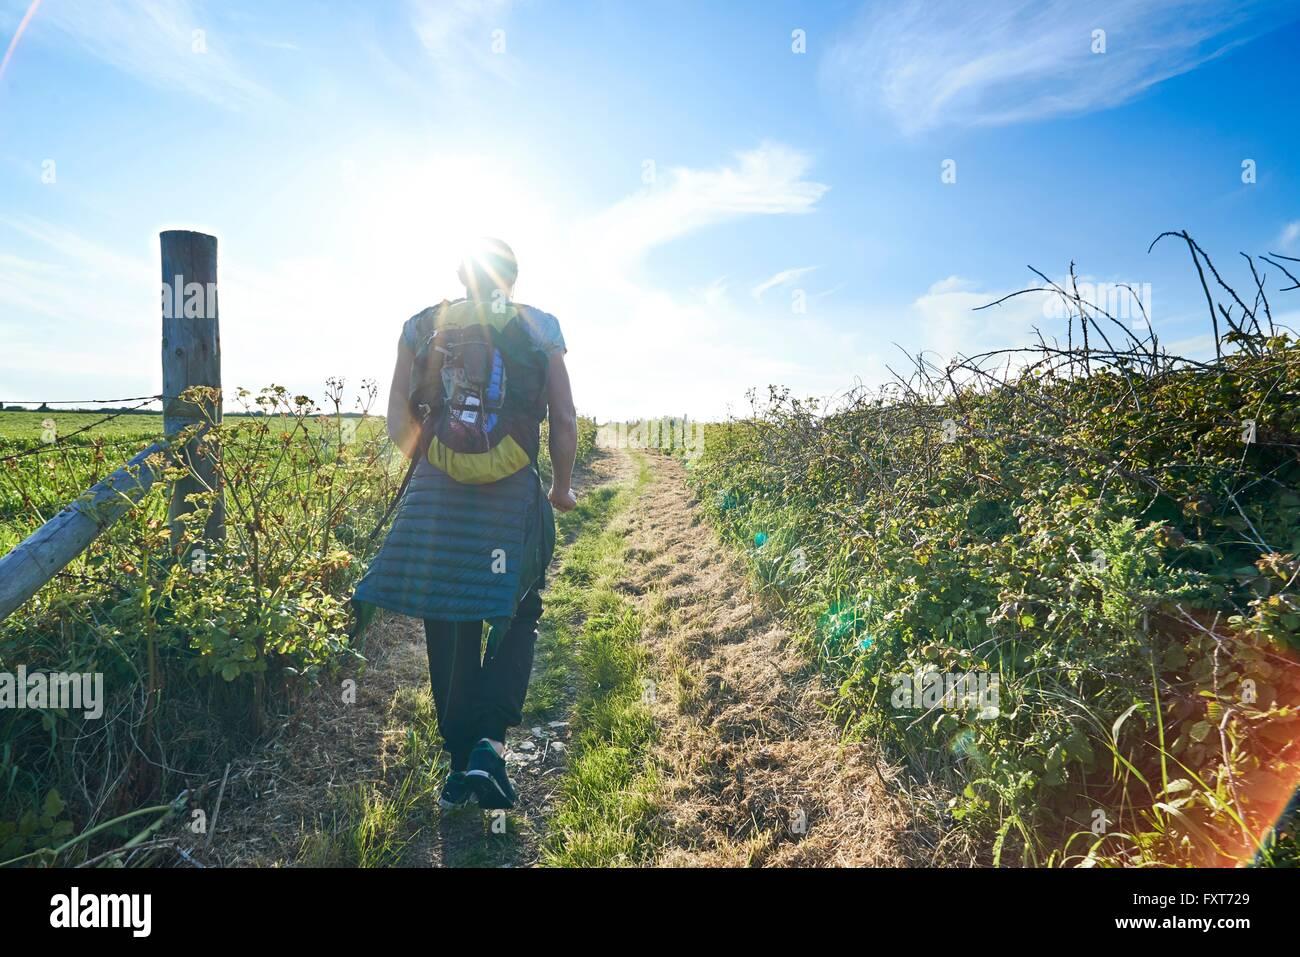 Vista posteriore di un escursionista con zaino escursionismo sul percorso nel campo Immagini Stock